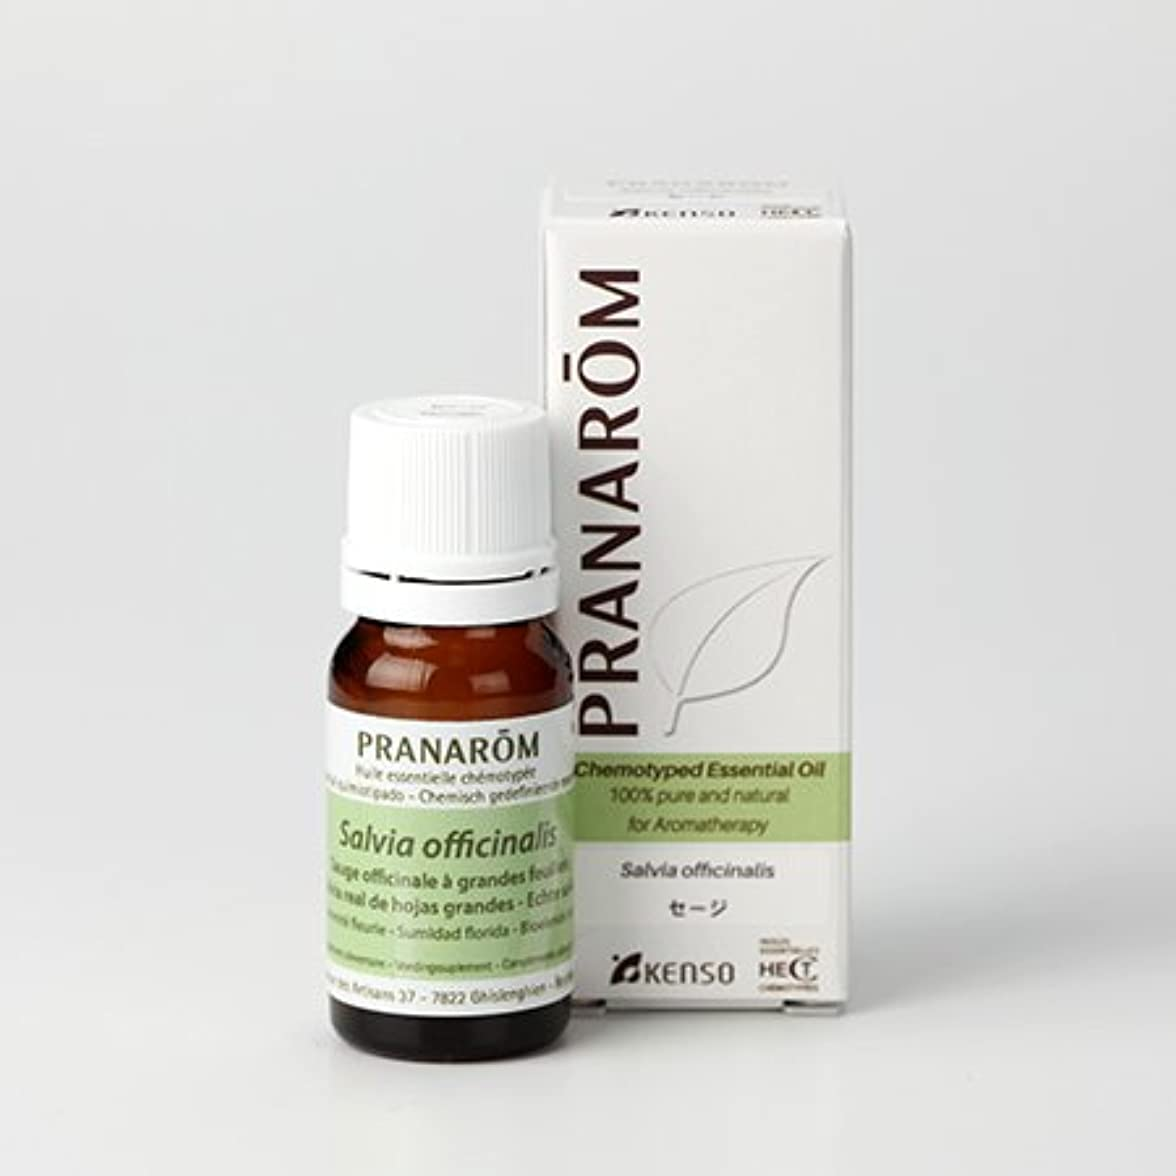 持っている医療のナビゲーション【セージ 10ml】→樟脳のようなハッキリとした香り?(リフレッシュハーブ系)[PRANAROM(プラナロム)精油/アロマオイル/エッセンシャルオイル]P-164